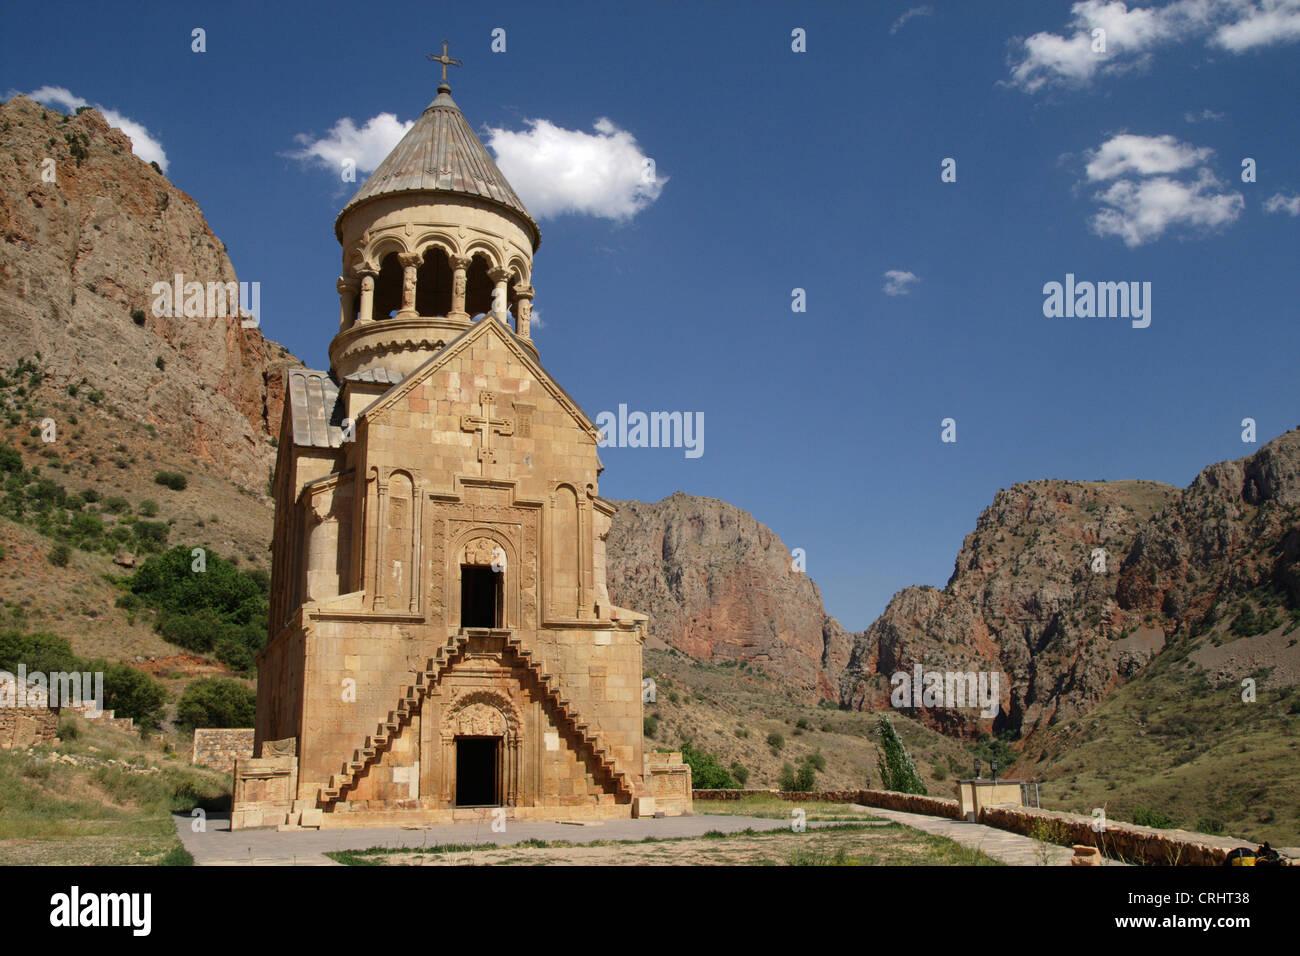 Norawank monastery, Armenia - Stock Image